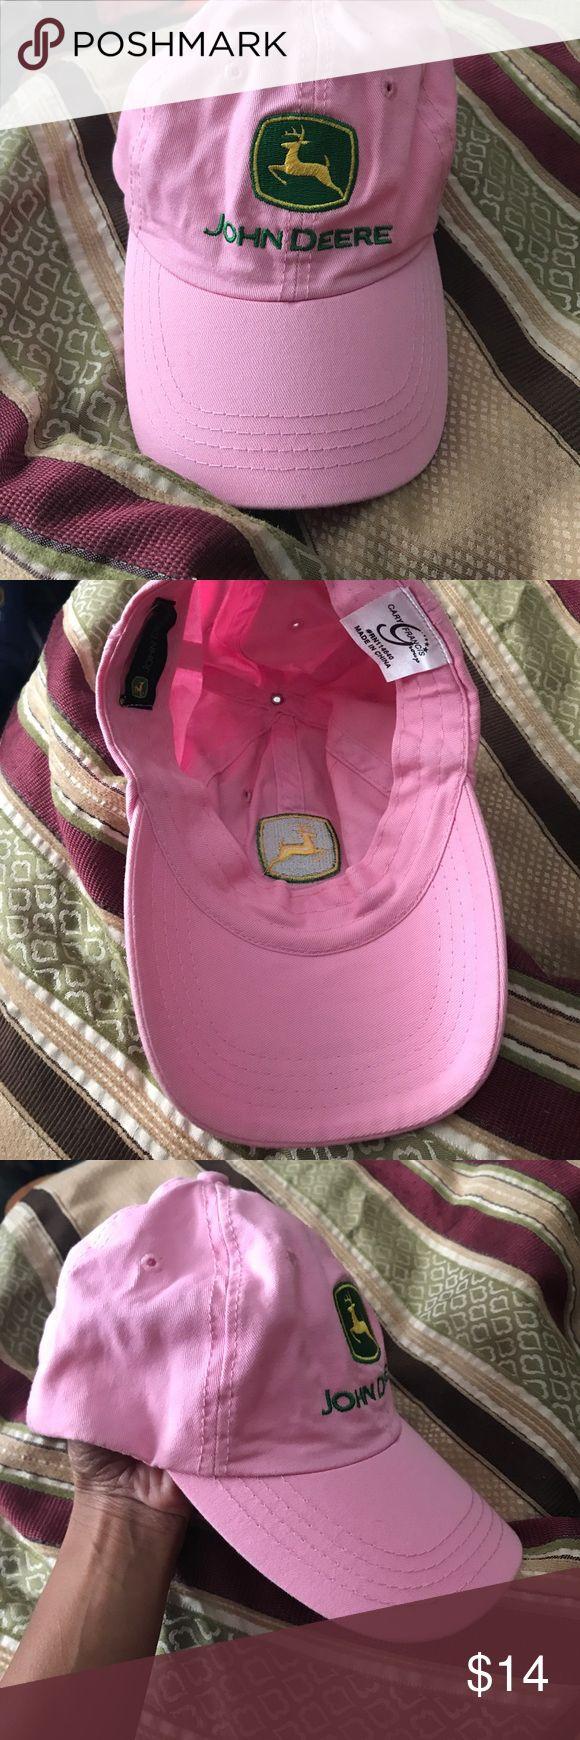 John Deere hat NWT JOHN DEERE HAT *make an offer* John Deere Accessories Hats